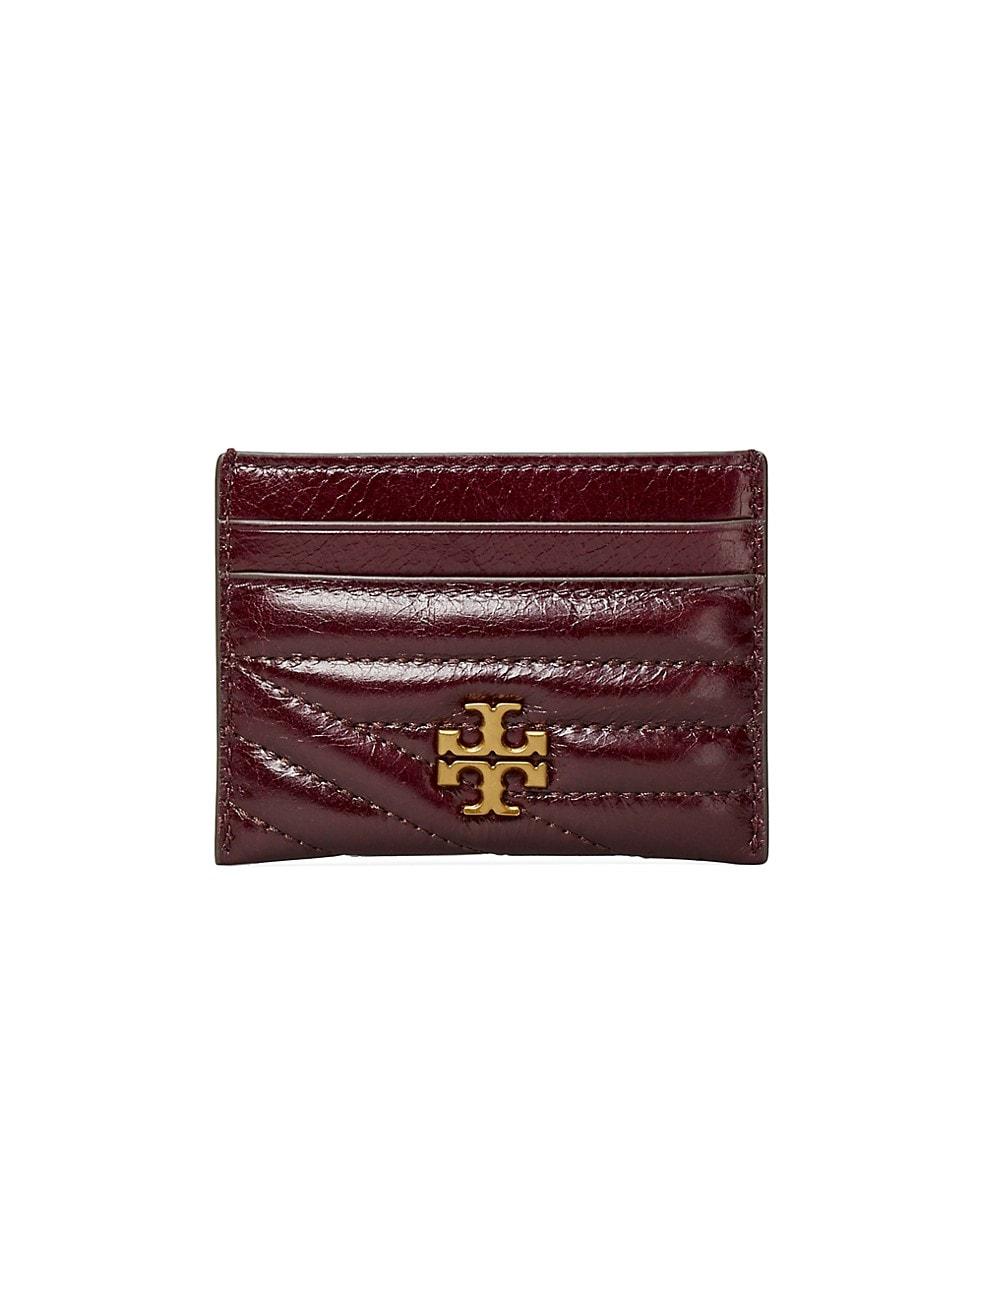 토리버치 카드 지갑 Tory Burch Kira Chevron Leather Card Case,FIG